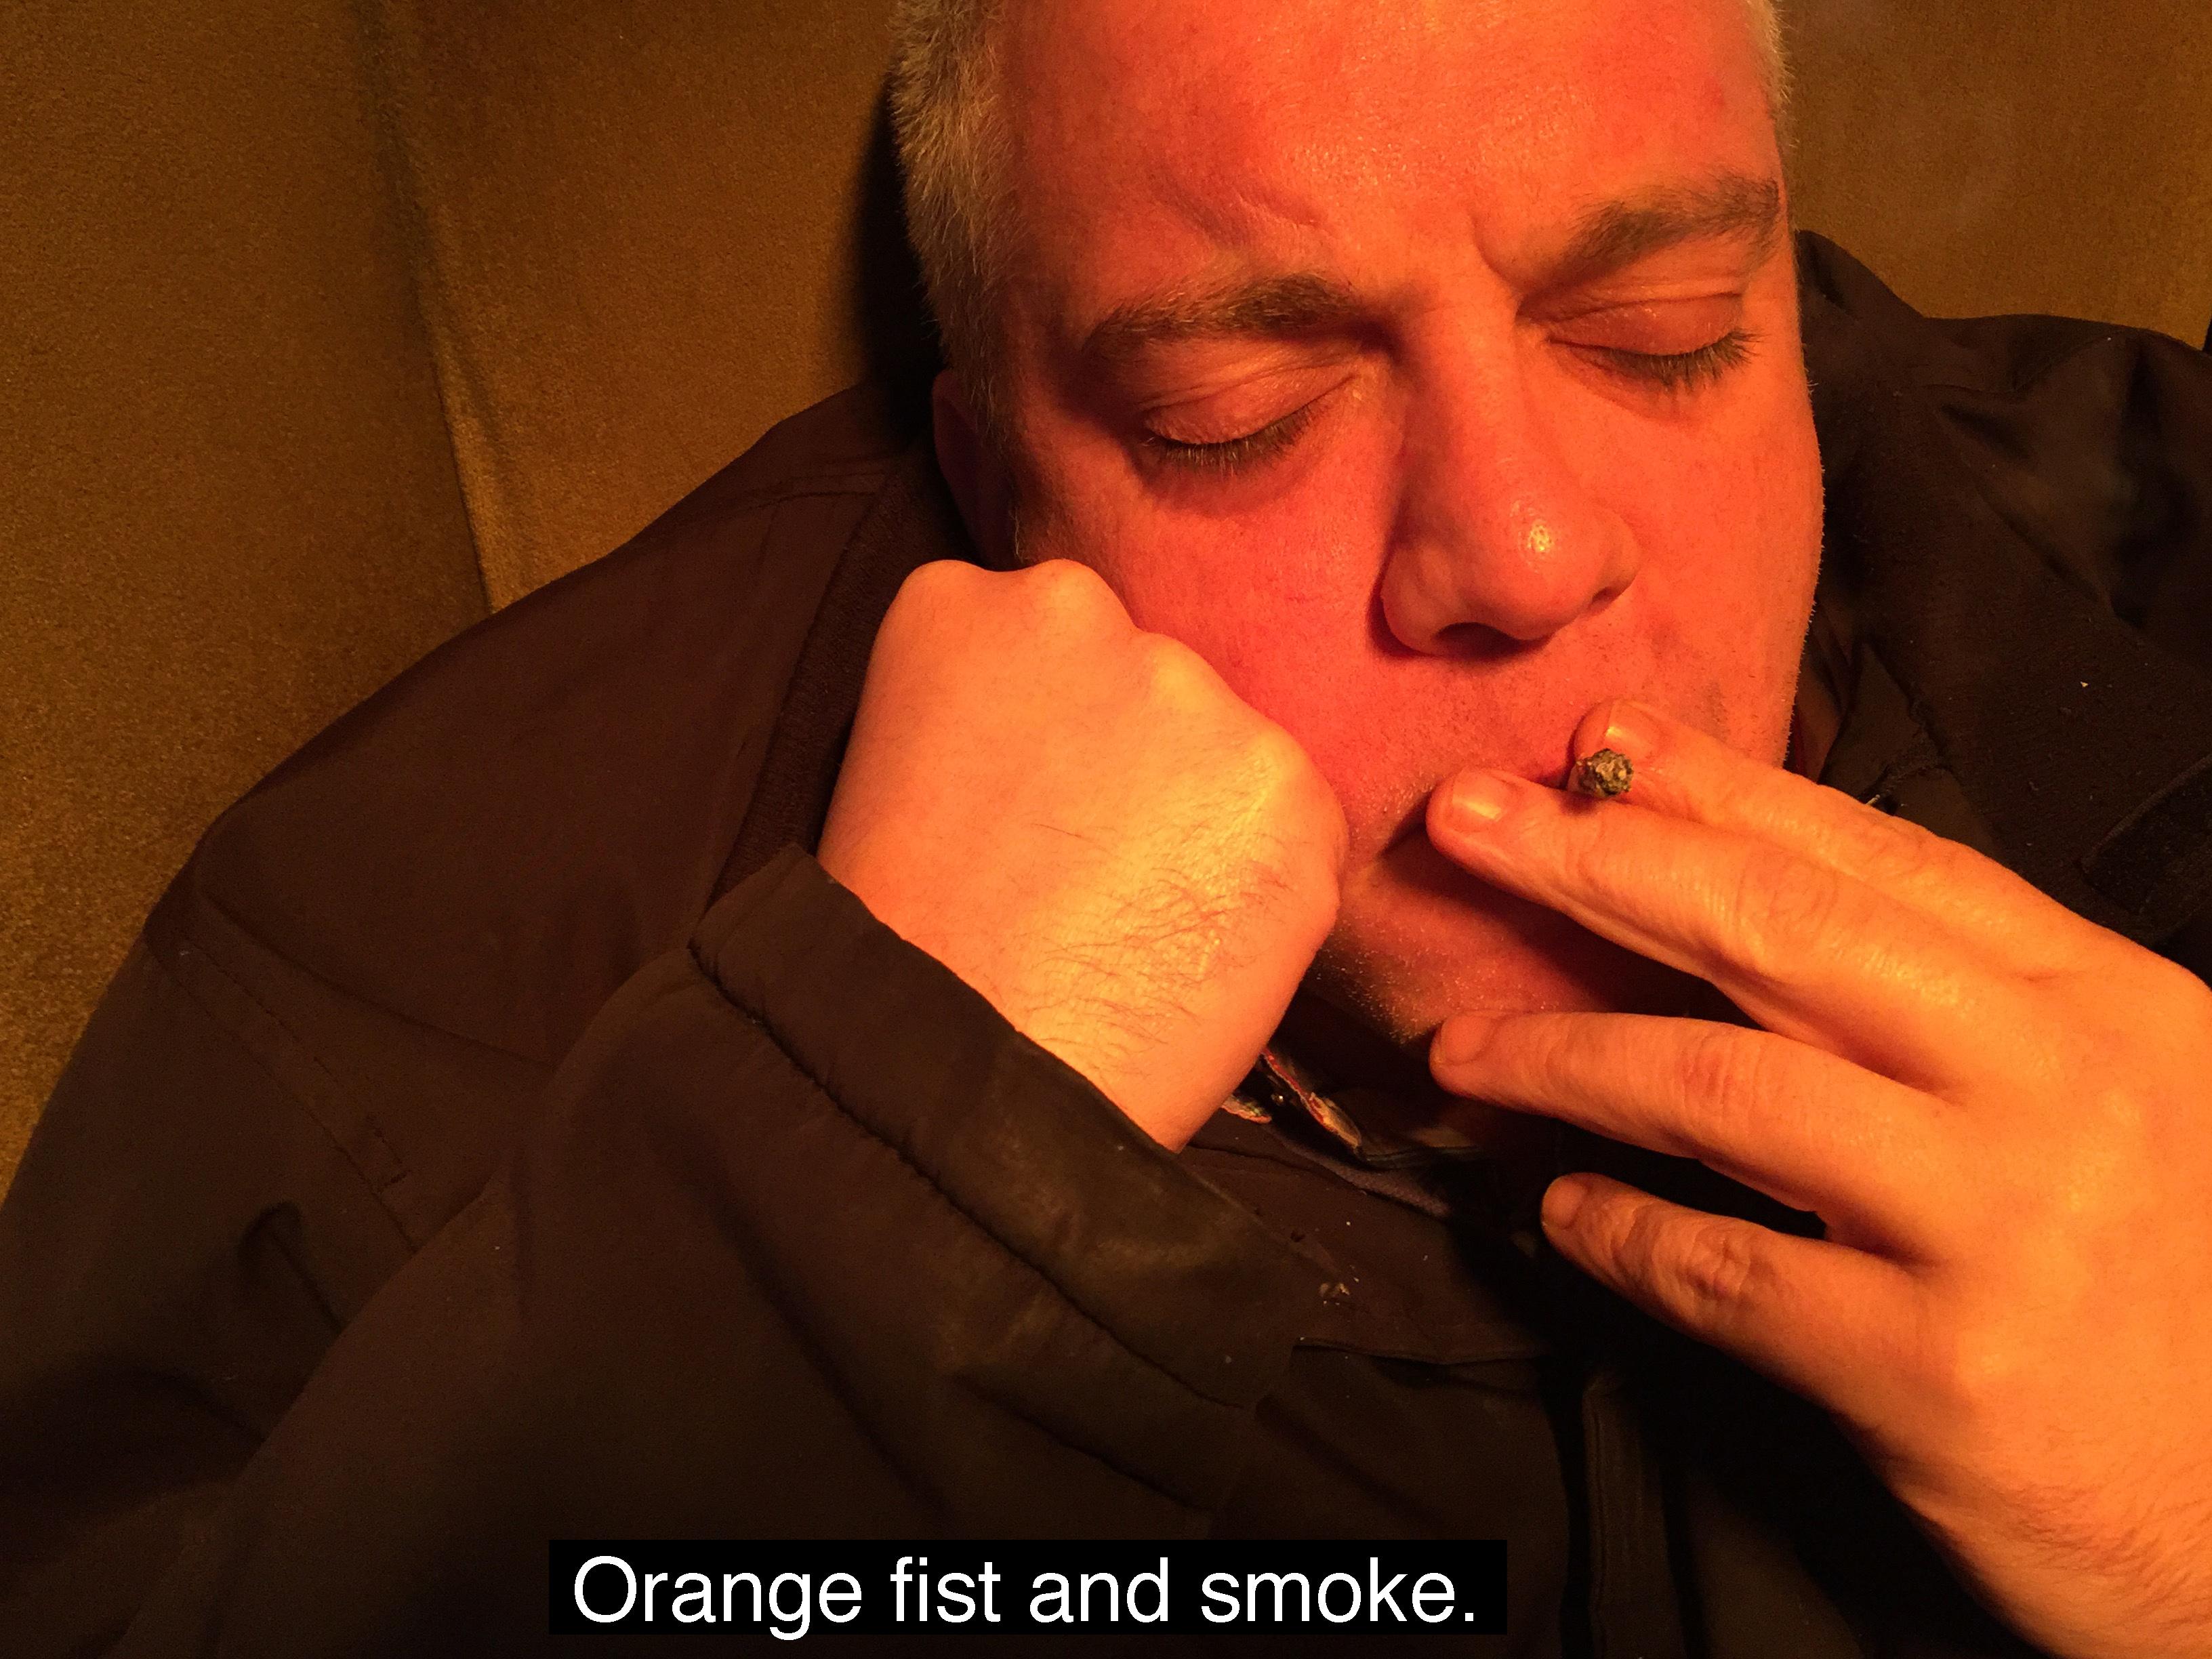 Orange Cigarette text